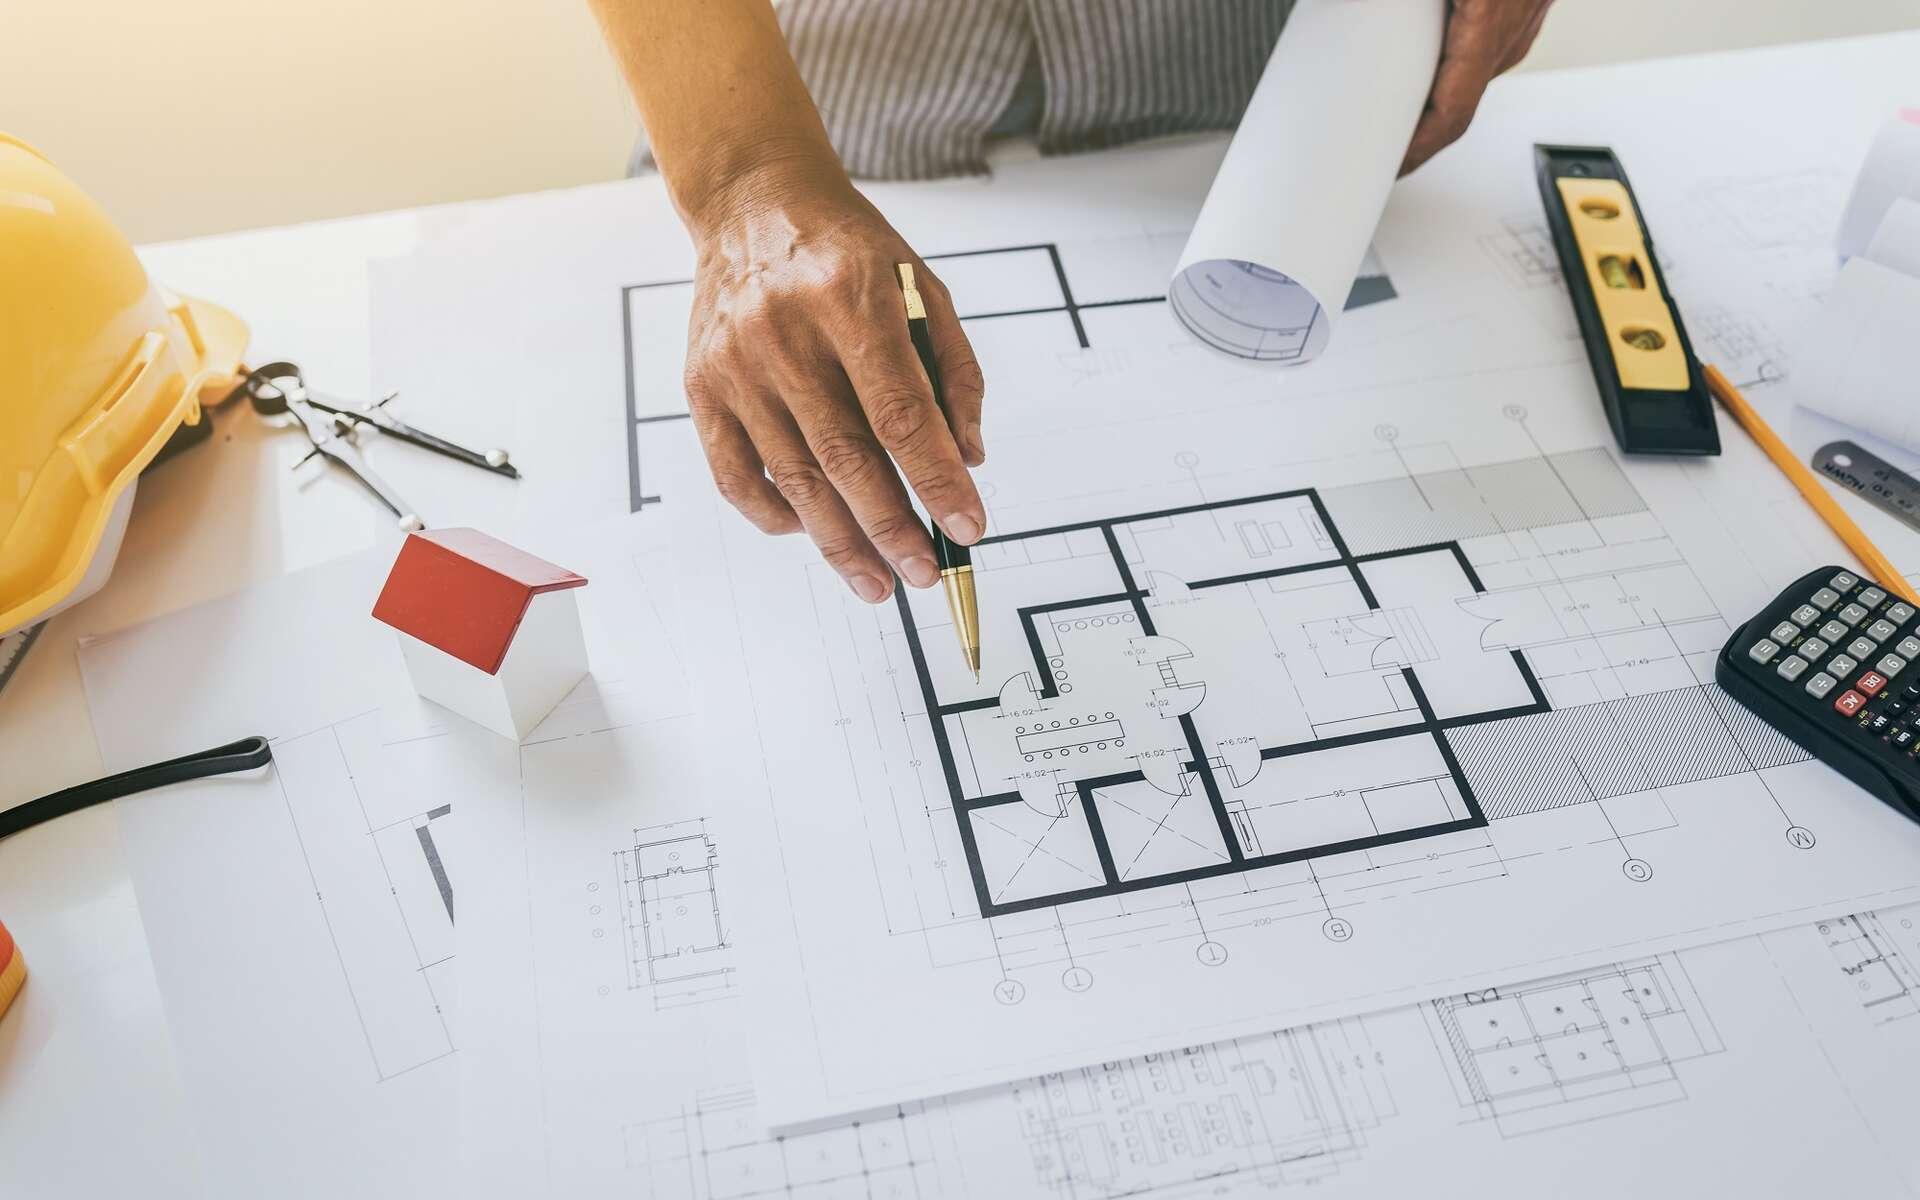 L'architecte peut être appelé pour dessiner des plans ou pour gérer un chantier dans son ensemble, de sa conception à sa livraison finale. © makibestphoto, Adobe Stock.